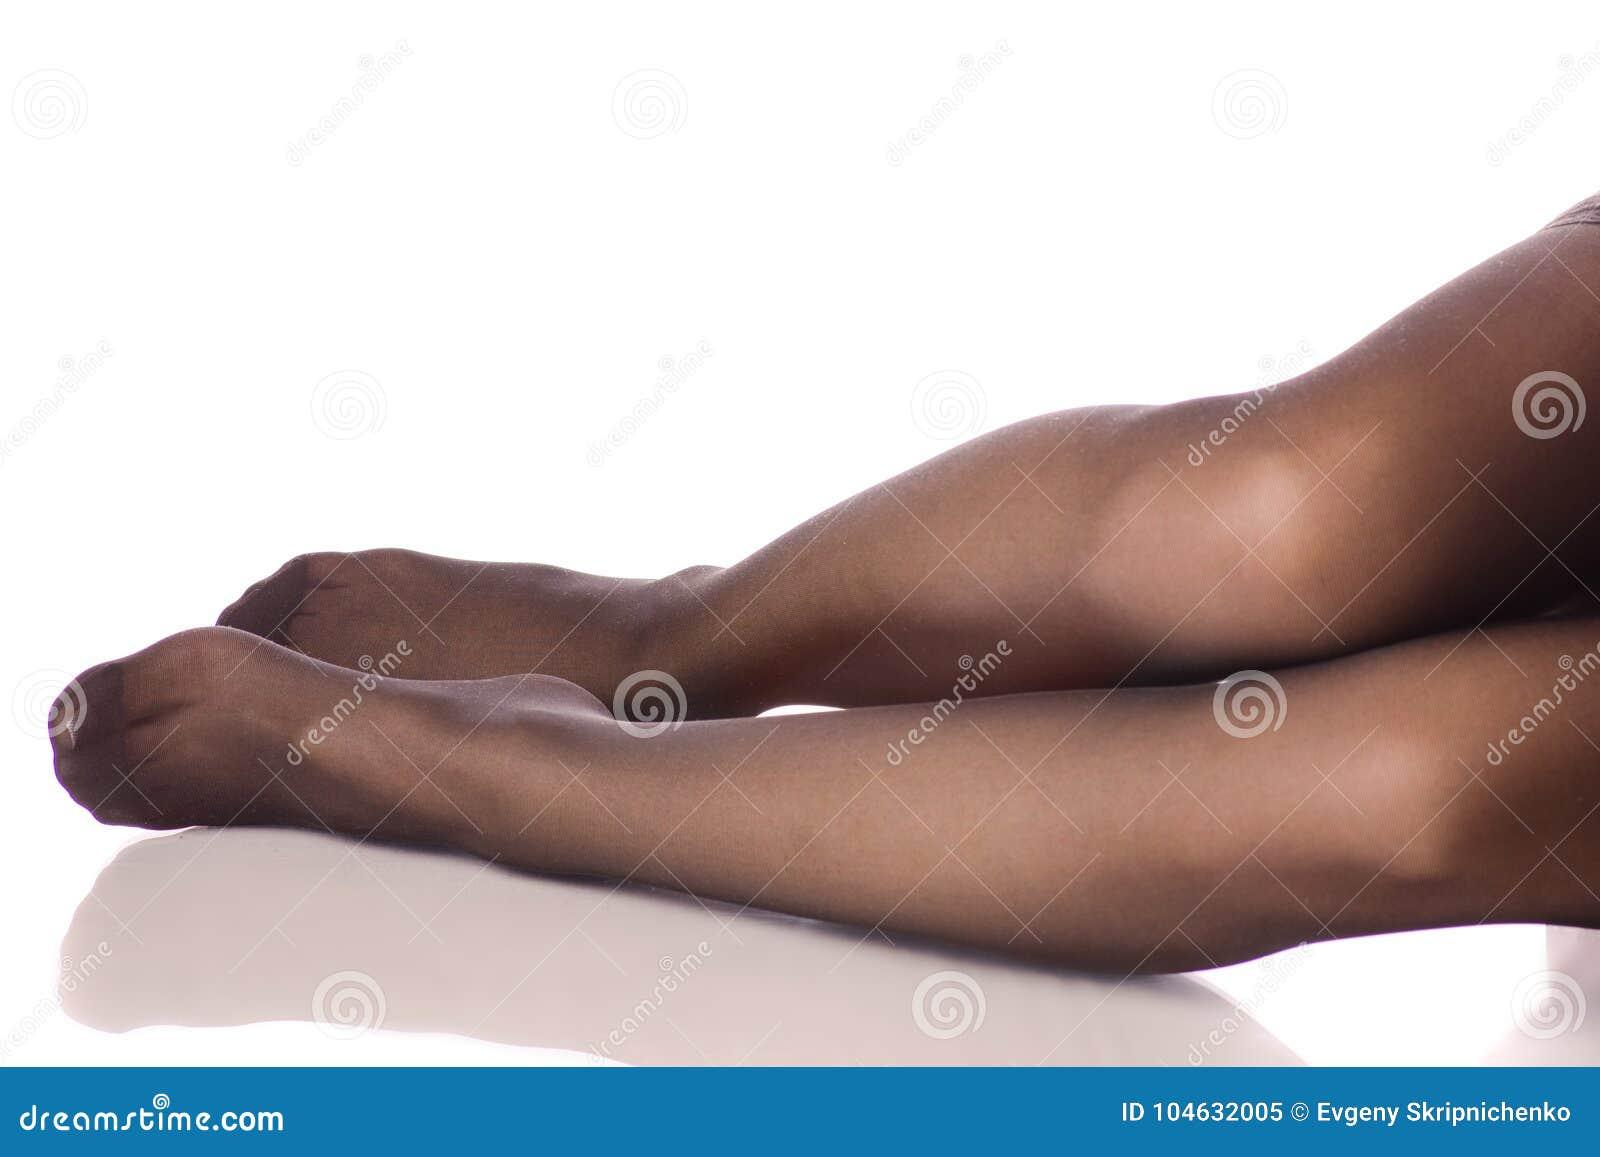 Download De Vrouwelijke Legging Van Benen Zwarte Kousen Stock Afbeelding - Afbeelding bestaande uit lying, lichaam: 104632005